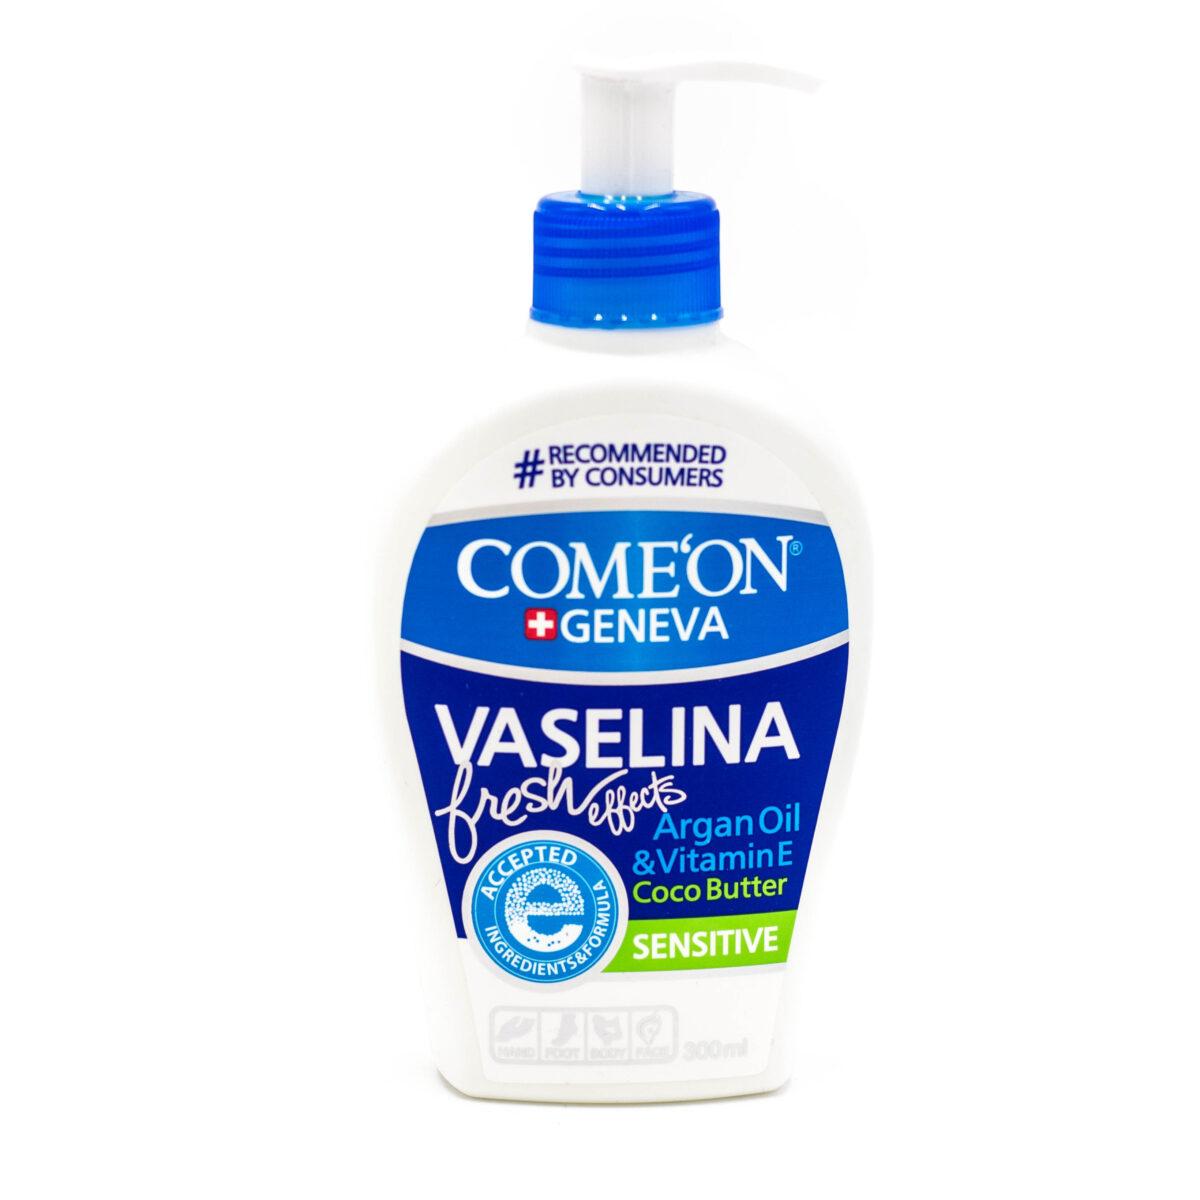 کرم وازلین کامان حجم 300 میلی لیتر Comeon Vaselina Cream